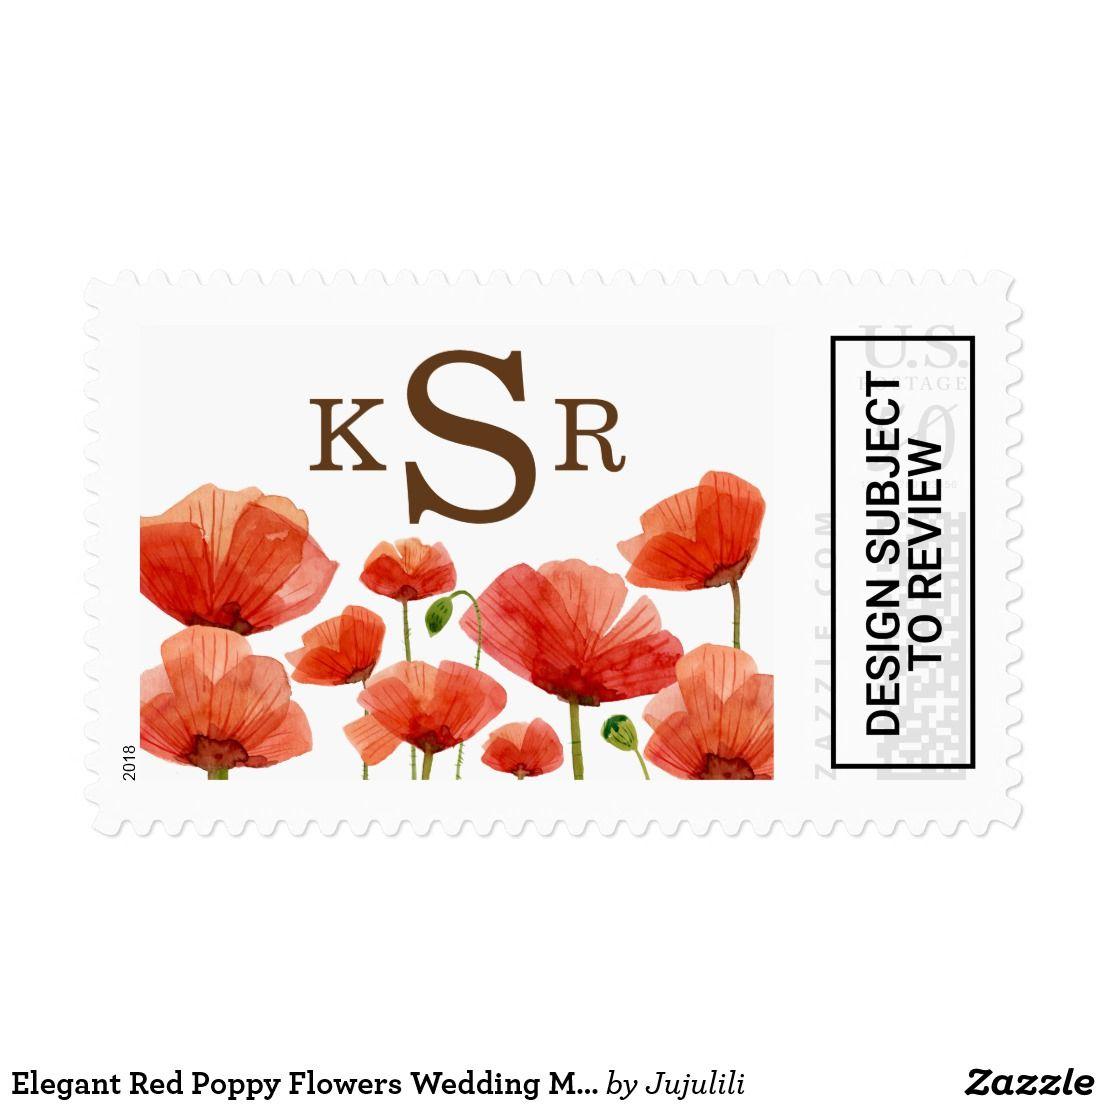 Elegant Red Poppy Flowers Wedding Monogram Postage | Pinterest ...